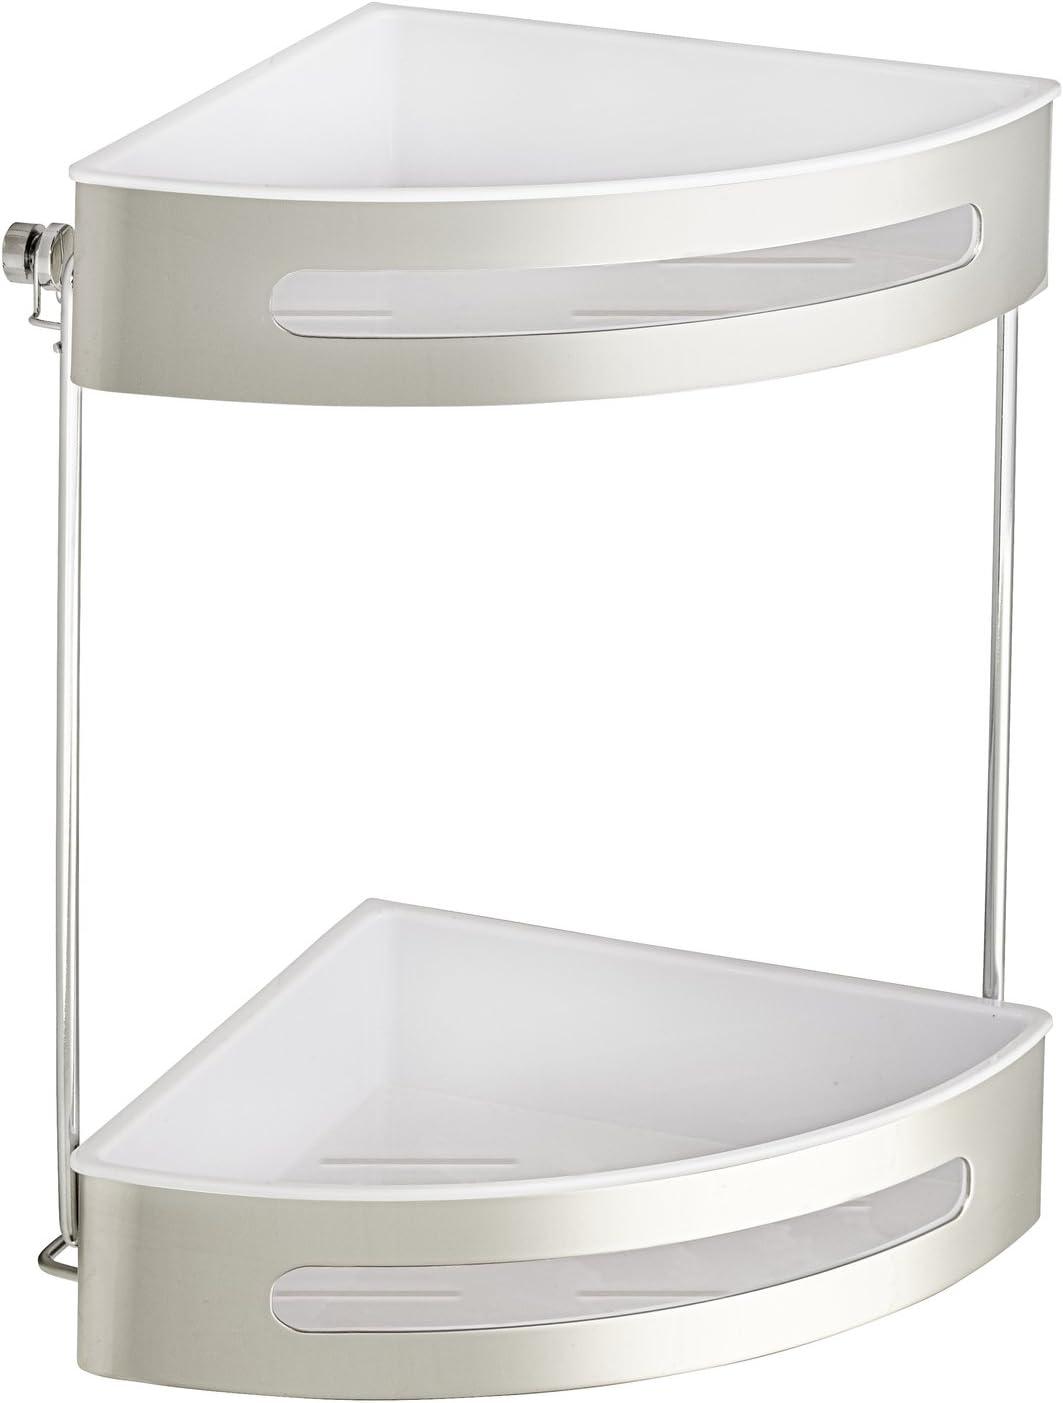 Wenko Rinconera de Acero Inoxidable Premium Plus, 2 repisas Plateado y Blanco 28.5 x 21 x 31 cm: Amazon.es: Hogar